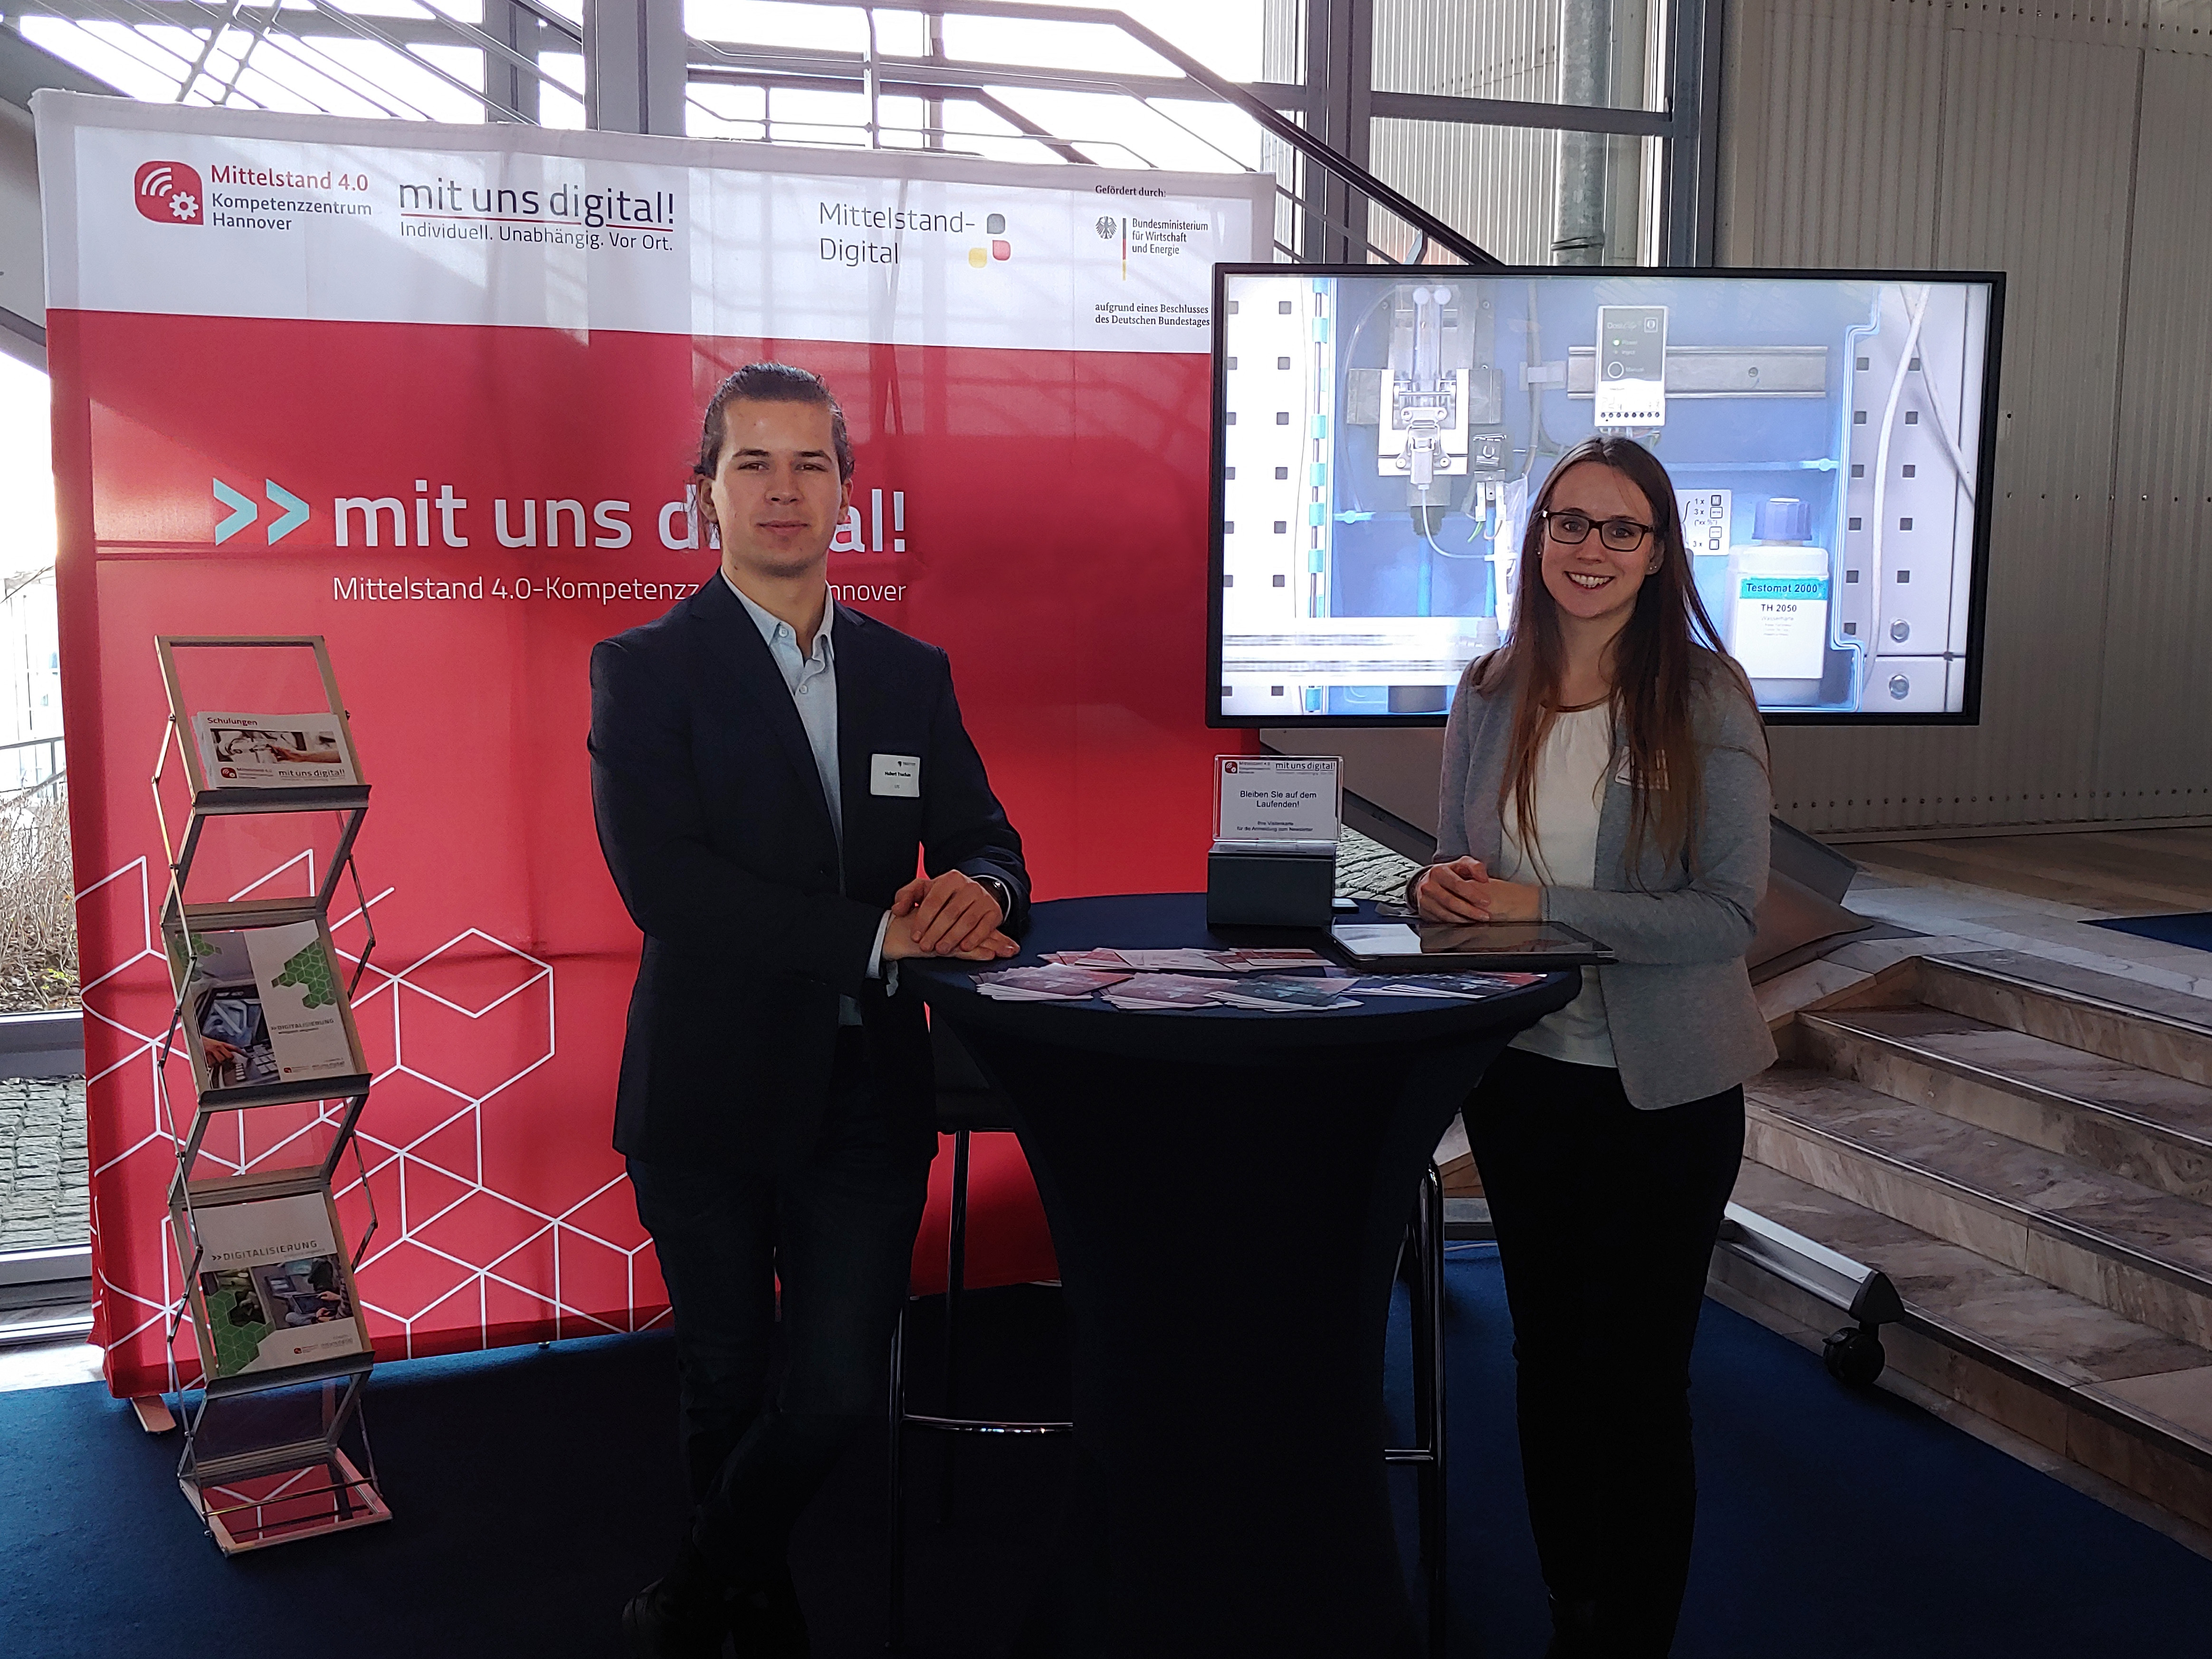 Erfolgreich: Erste Digi-Konferenz in Niedersachsen